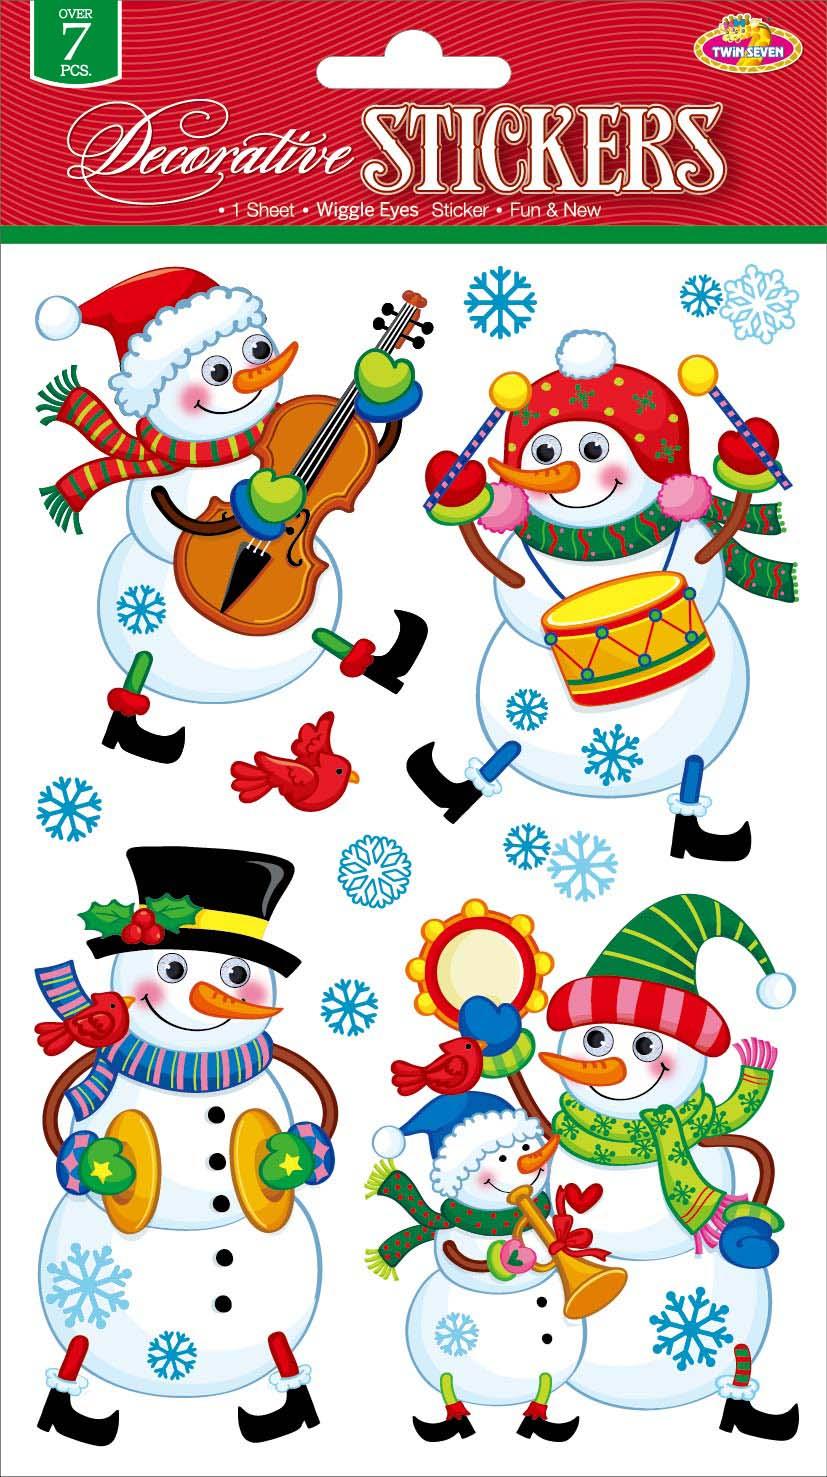 Наклейки для интерьера Room Decoration Забавные снеговичкиCLX3408Наклейки для стен и предметов интерьера Room Decoration Забавные снеговички, изготовленные из самоклеящейся виниловой пленки, помогут украсить дом к предстоящим праздникам. Изделия выполнены в виде снеговиков с объемными глазами, снежинок.Наклейки дадут вам вдохновение, которое изменит вашу жизнь и поможет погрузиться в мир ярких красок, фантазий и творчества. Для вас открываются безграничные возможности придумать оригинальный дизайн и придать новый вид стенам и мебели. Наклейки абсолютно безопасны для здоровья. Они быстро и легко наклеиваются на любые ровные поверхности: стены, окна, двери, стекла, мебель. При необходимости удобно снимаются, не оставляют следов. Наклейки Room Decoration Забавные снеговички помогут вам изменить интерьер вокруг себя: в детской комнате и гостиной, на кухне и в прихожей, витрину кафе и магазина, детский садик и офис.Размер листа: 14 см х 21 см.Количество наклеек на листе: 11 шт.Размер самой большой наклейки: 7,5 см х 9,5 см.Размер самой маленькой наклейки: 1,3 см х 1,3 см.